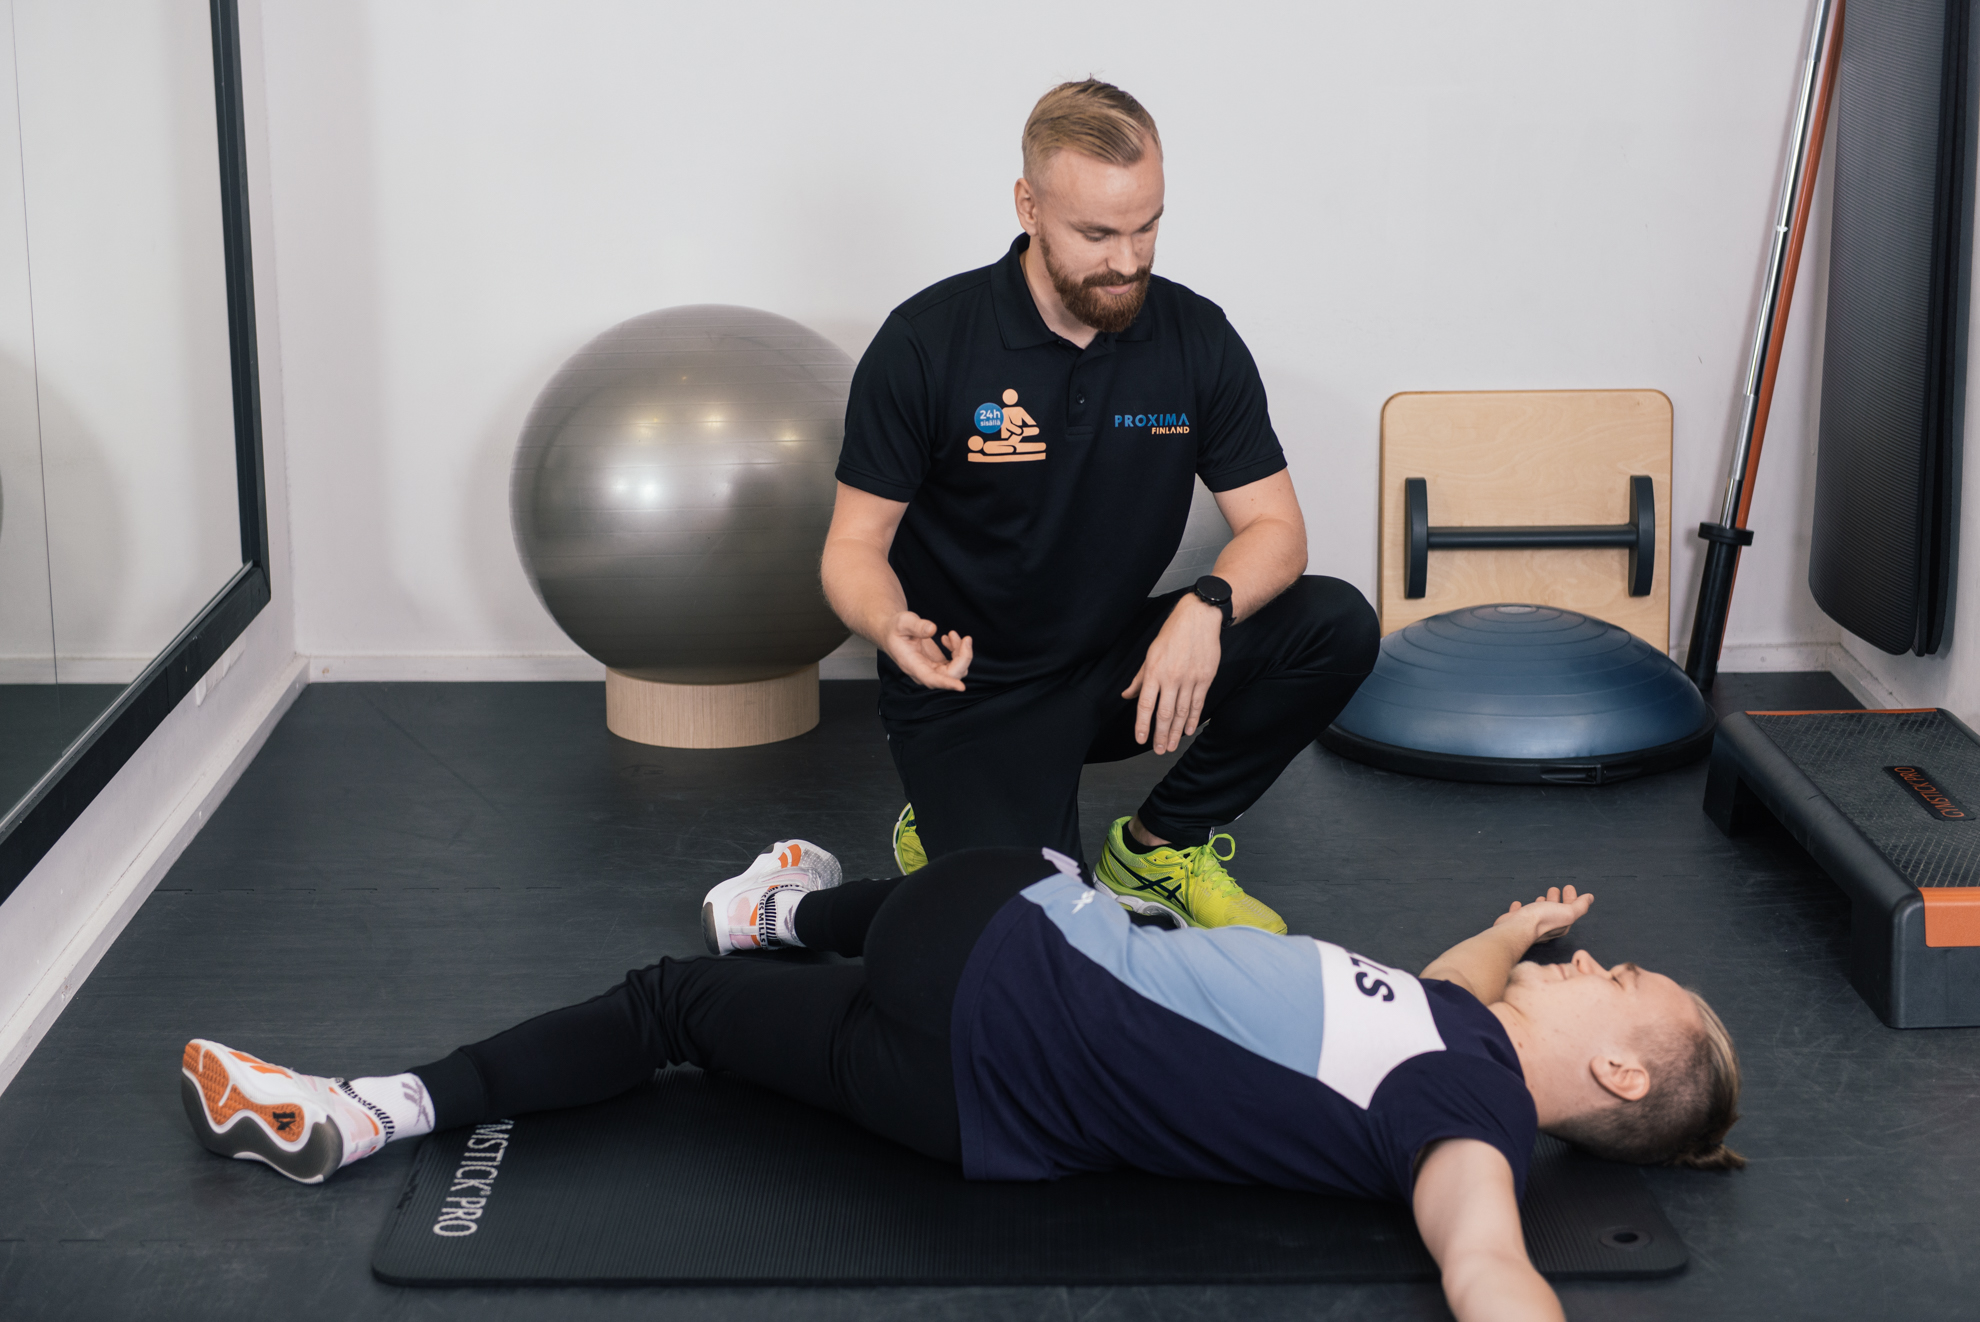 ajanvaraus Fysioterapia-hieronta-urheiluhieronta-äitiysfysitoerapia-fysio-omt fysioterapia-